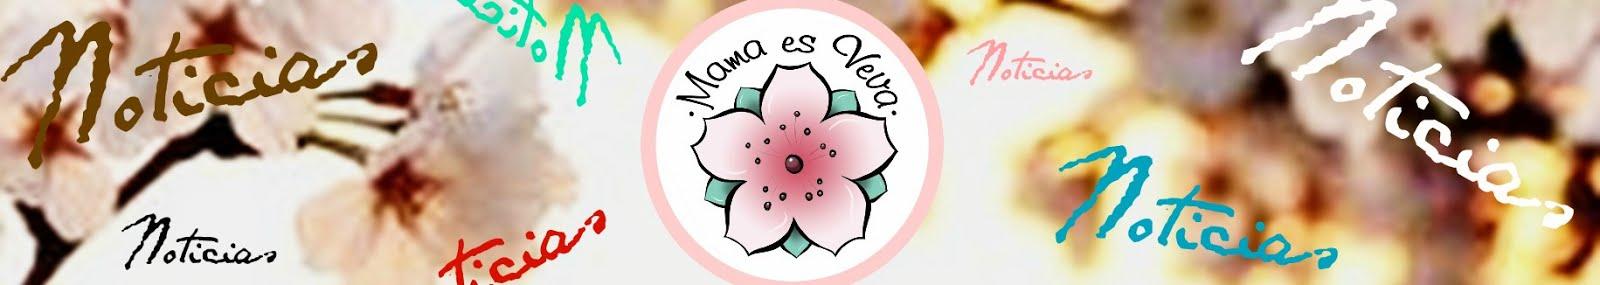 Noticias Mama es Veva